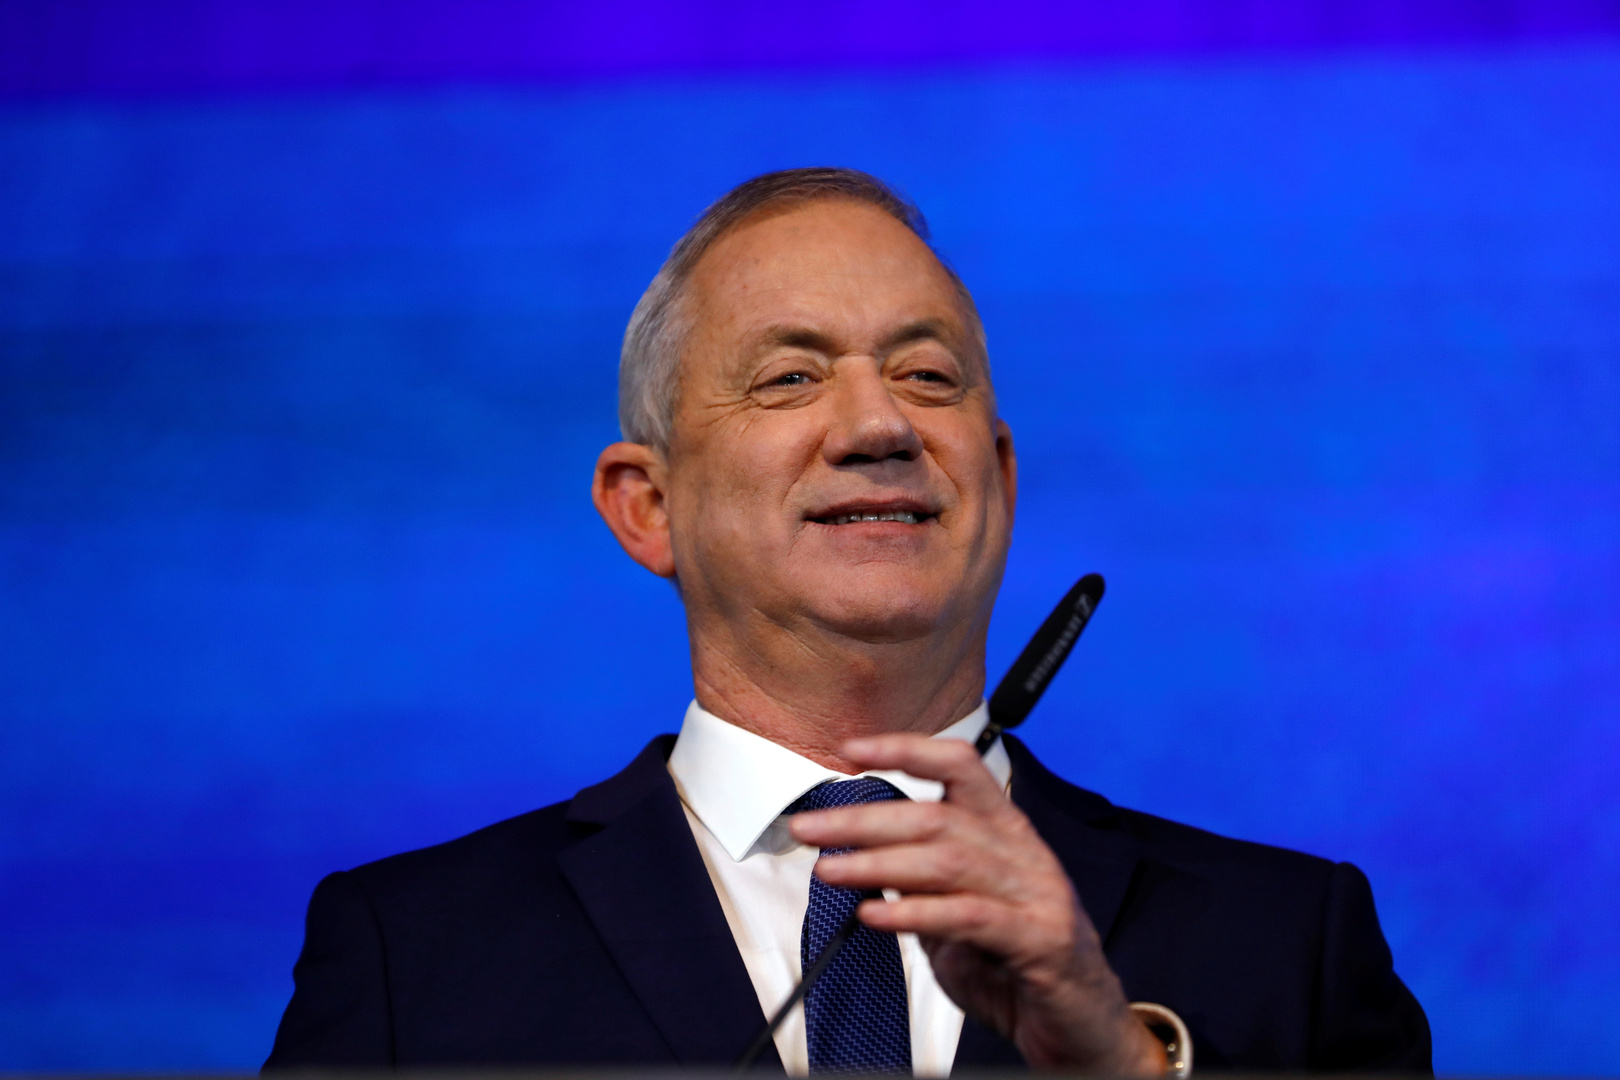 بيني غانتس، وزير الدفاع الإسرائيلي